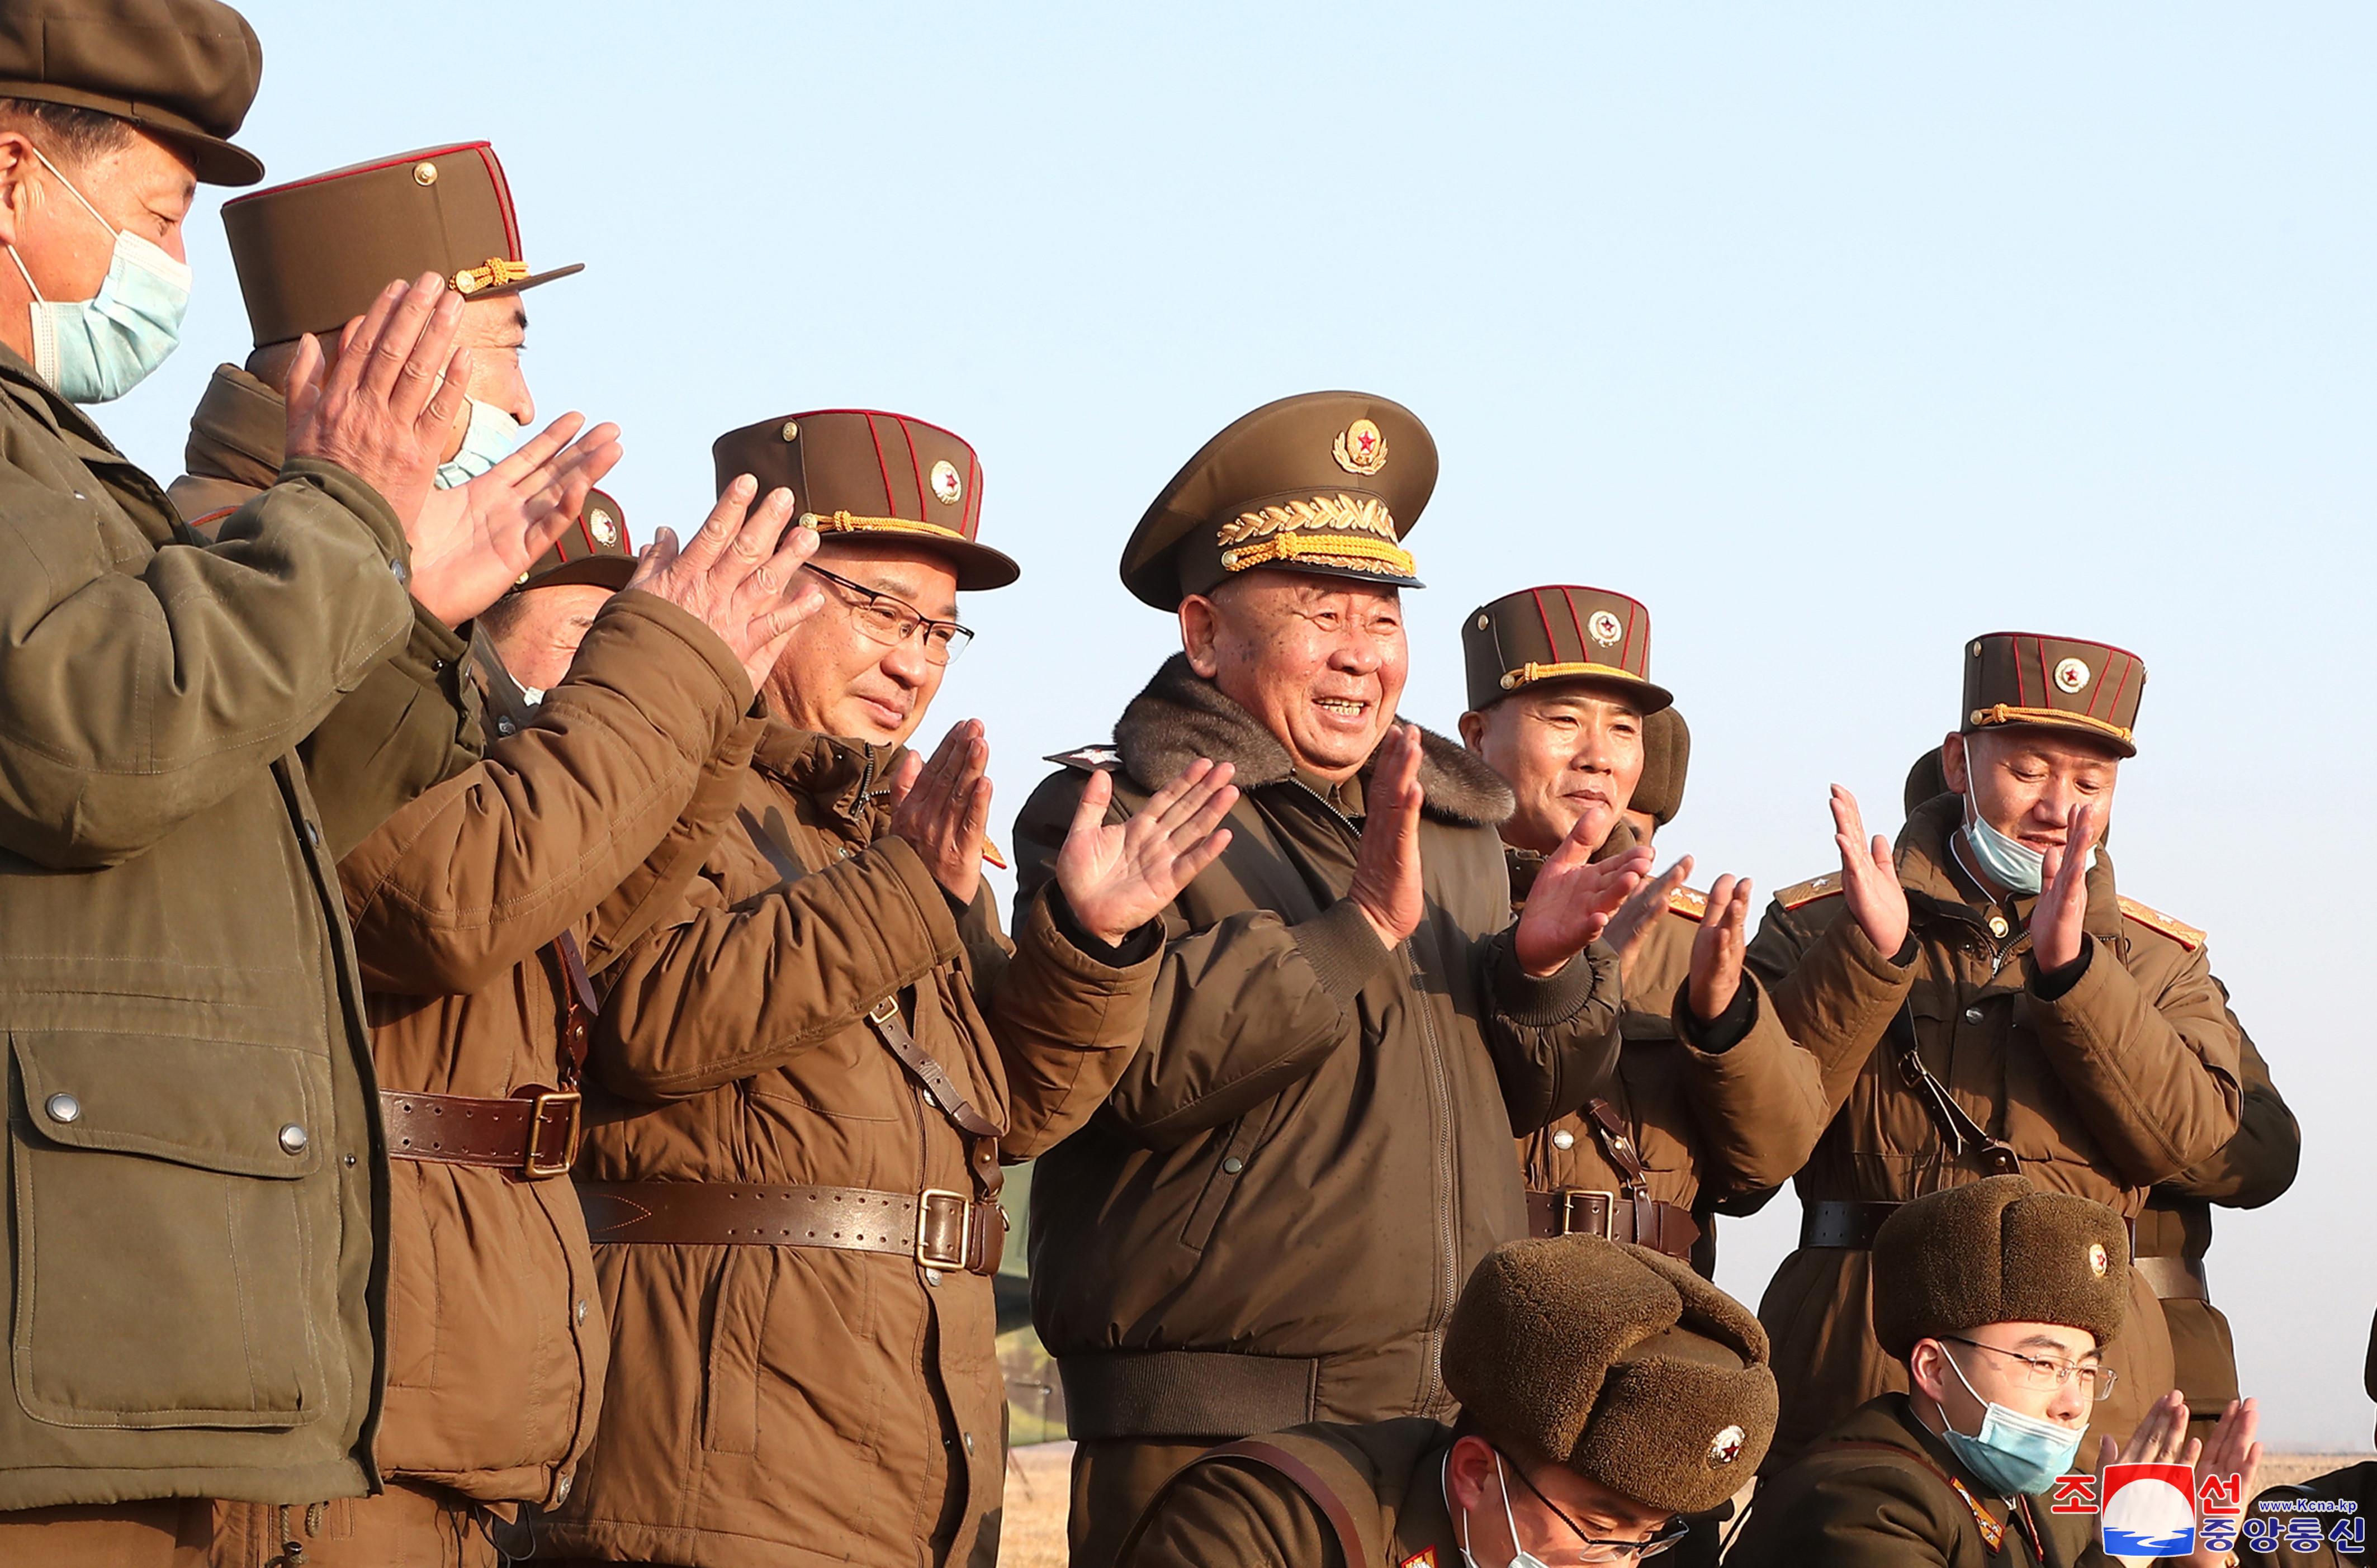 ▲▼此次試射由北韓軍方高層李炳哲指導,金正恩並未坐鎮現場。(圖/達志影像)